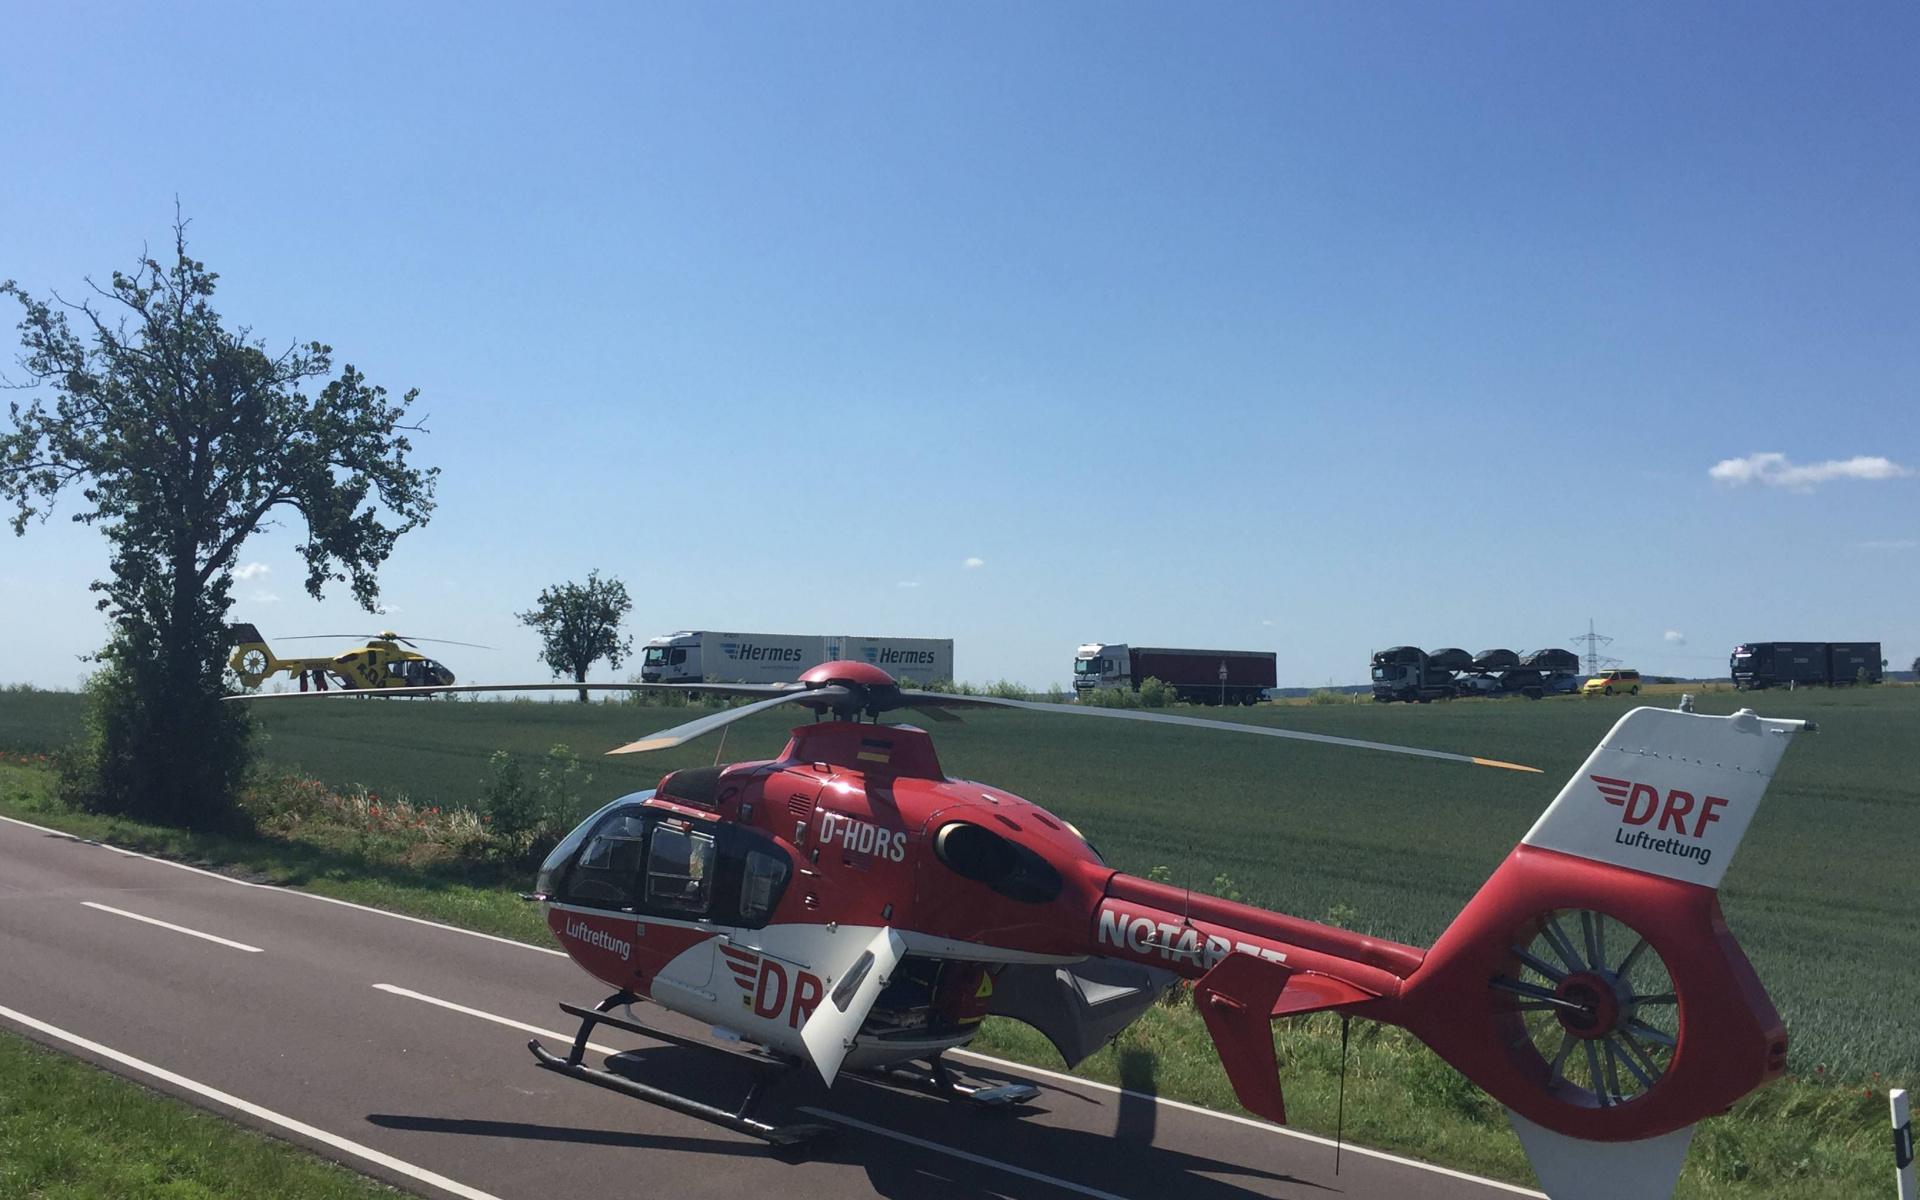 Mehrere Hubschrauber waren nach einem Unfall nahe Eisleben im Einsatz, unter anderem Christoph 37 und Christoph Sachsen-Anhalt.